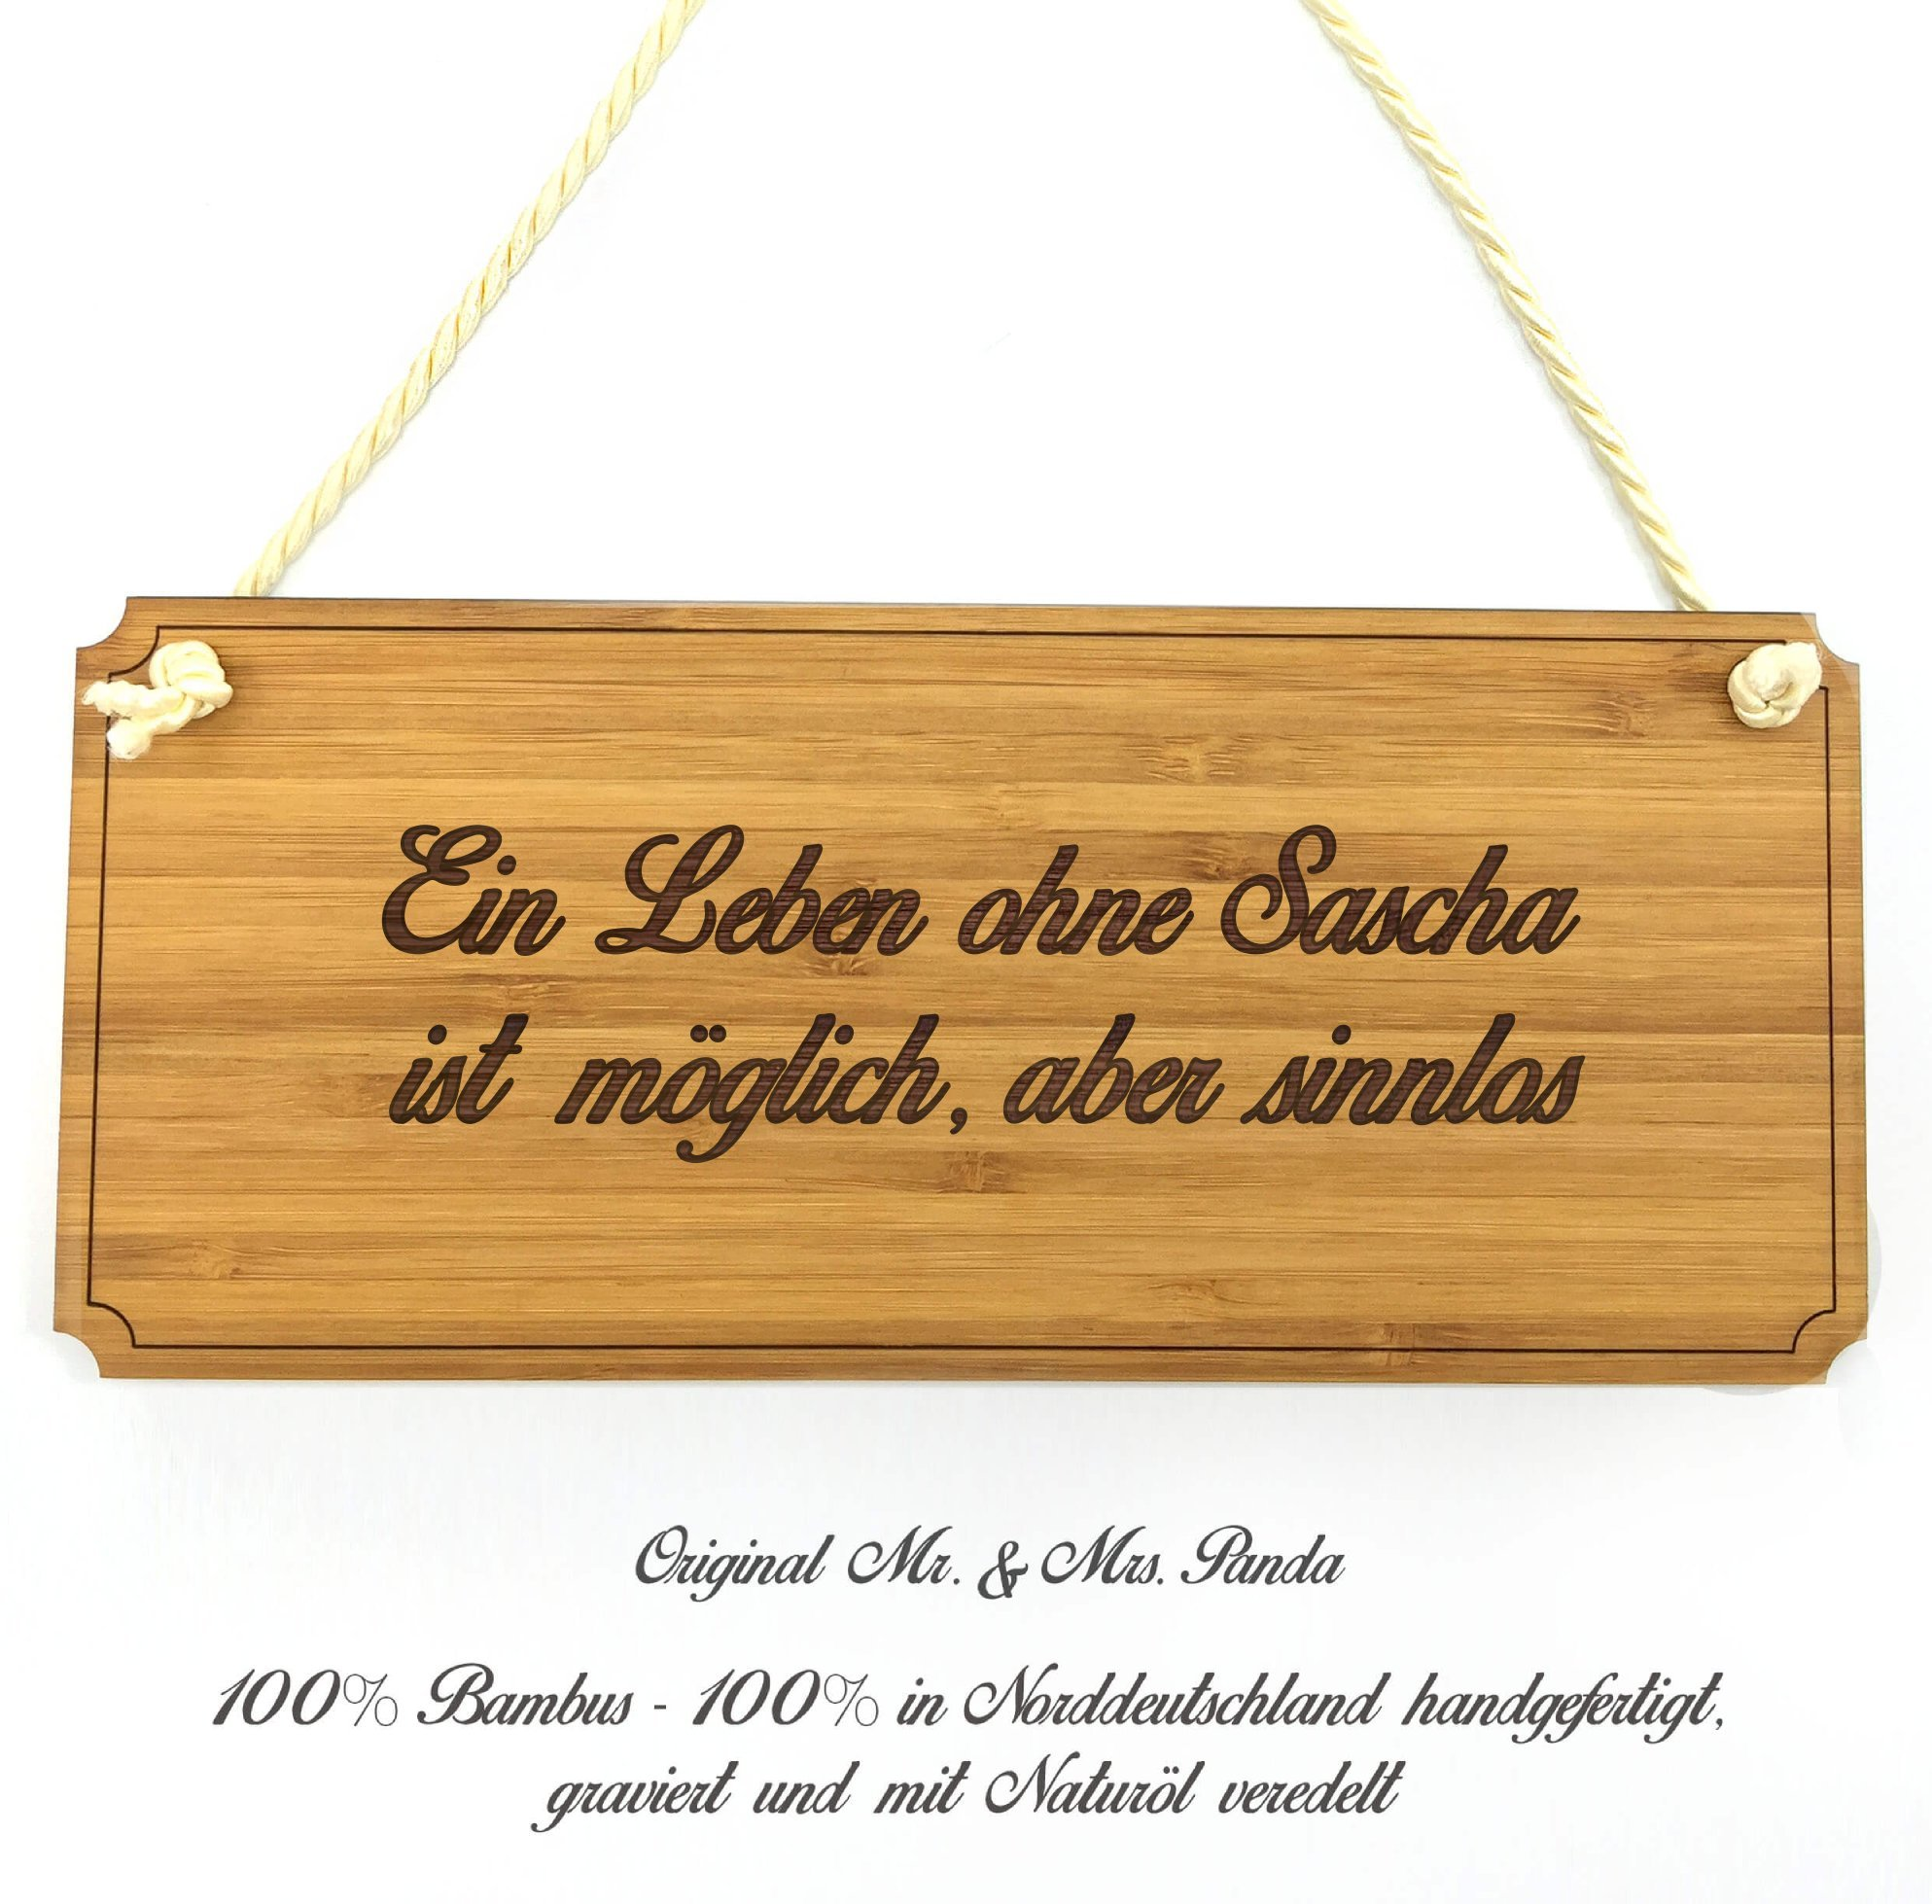 Mr. & Mrs. Panda Türschild Sascha Classic Schild - 100% handgefertigt aus Bambus Holz - Anhänger, Geschenk, Vorname…